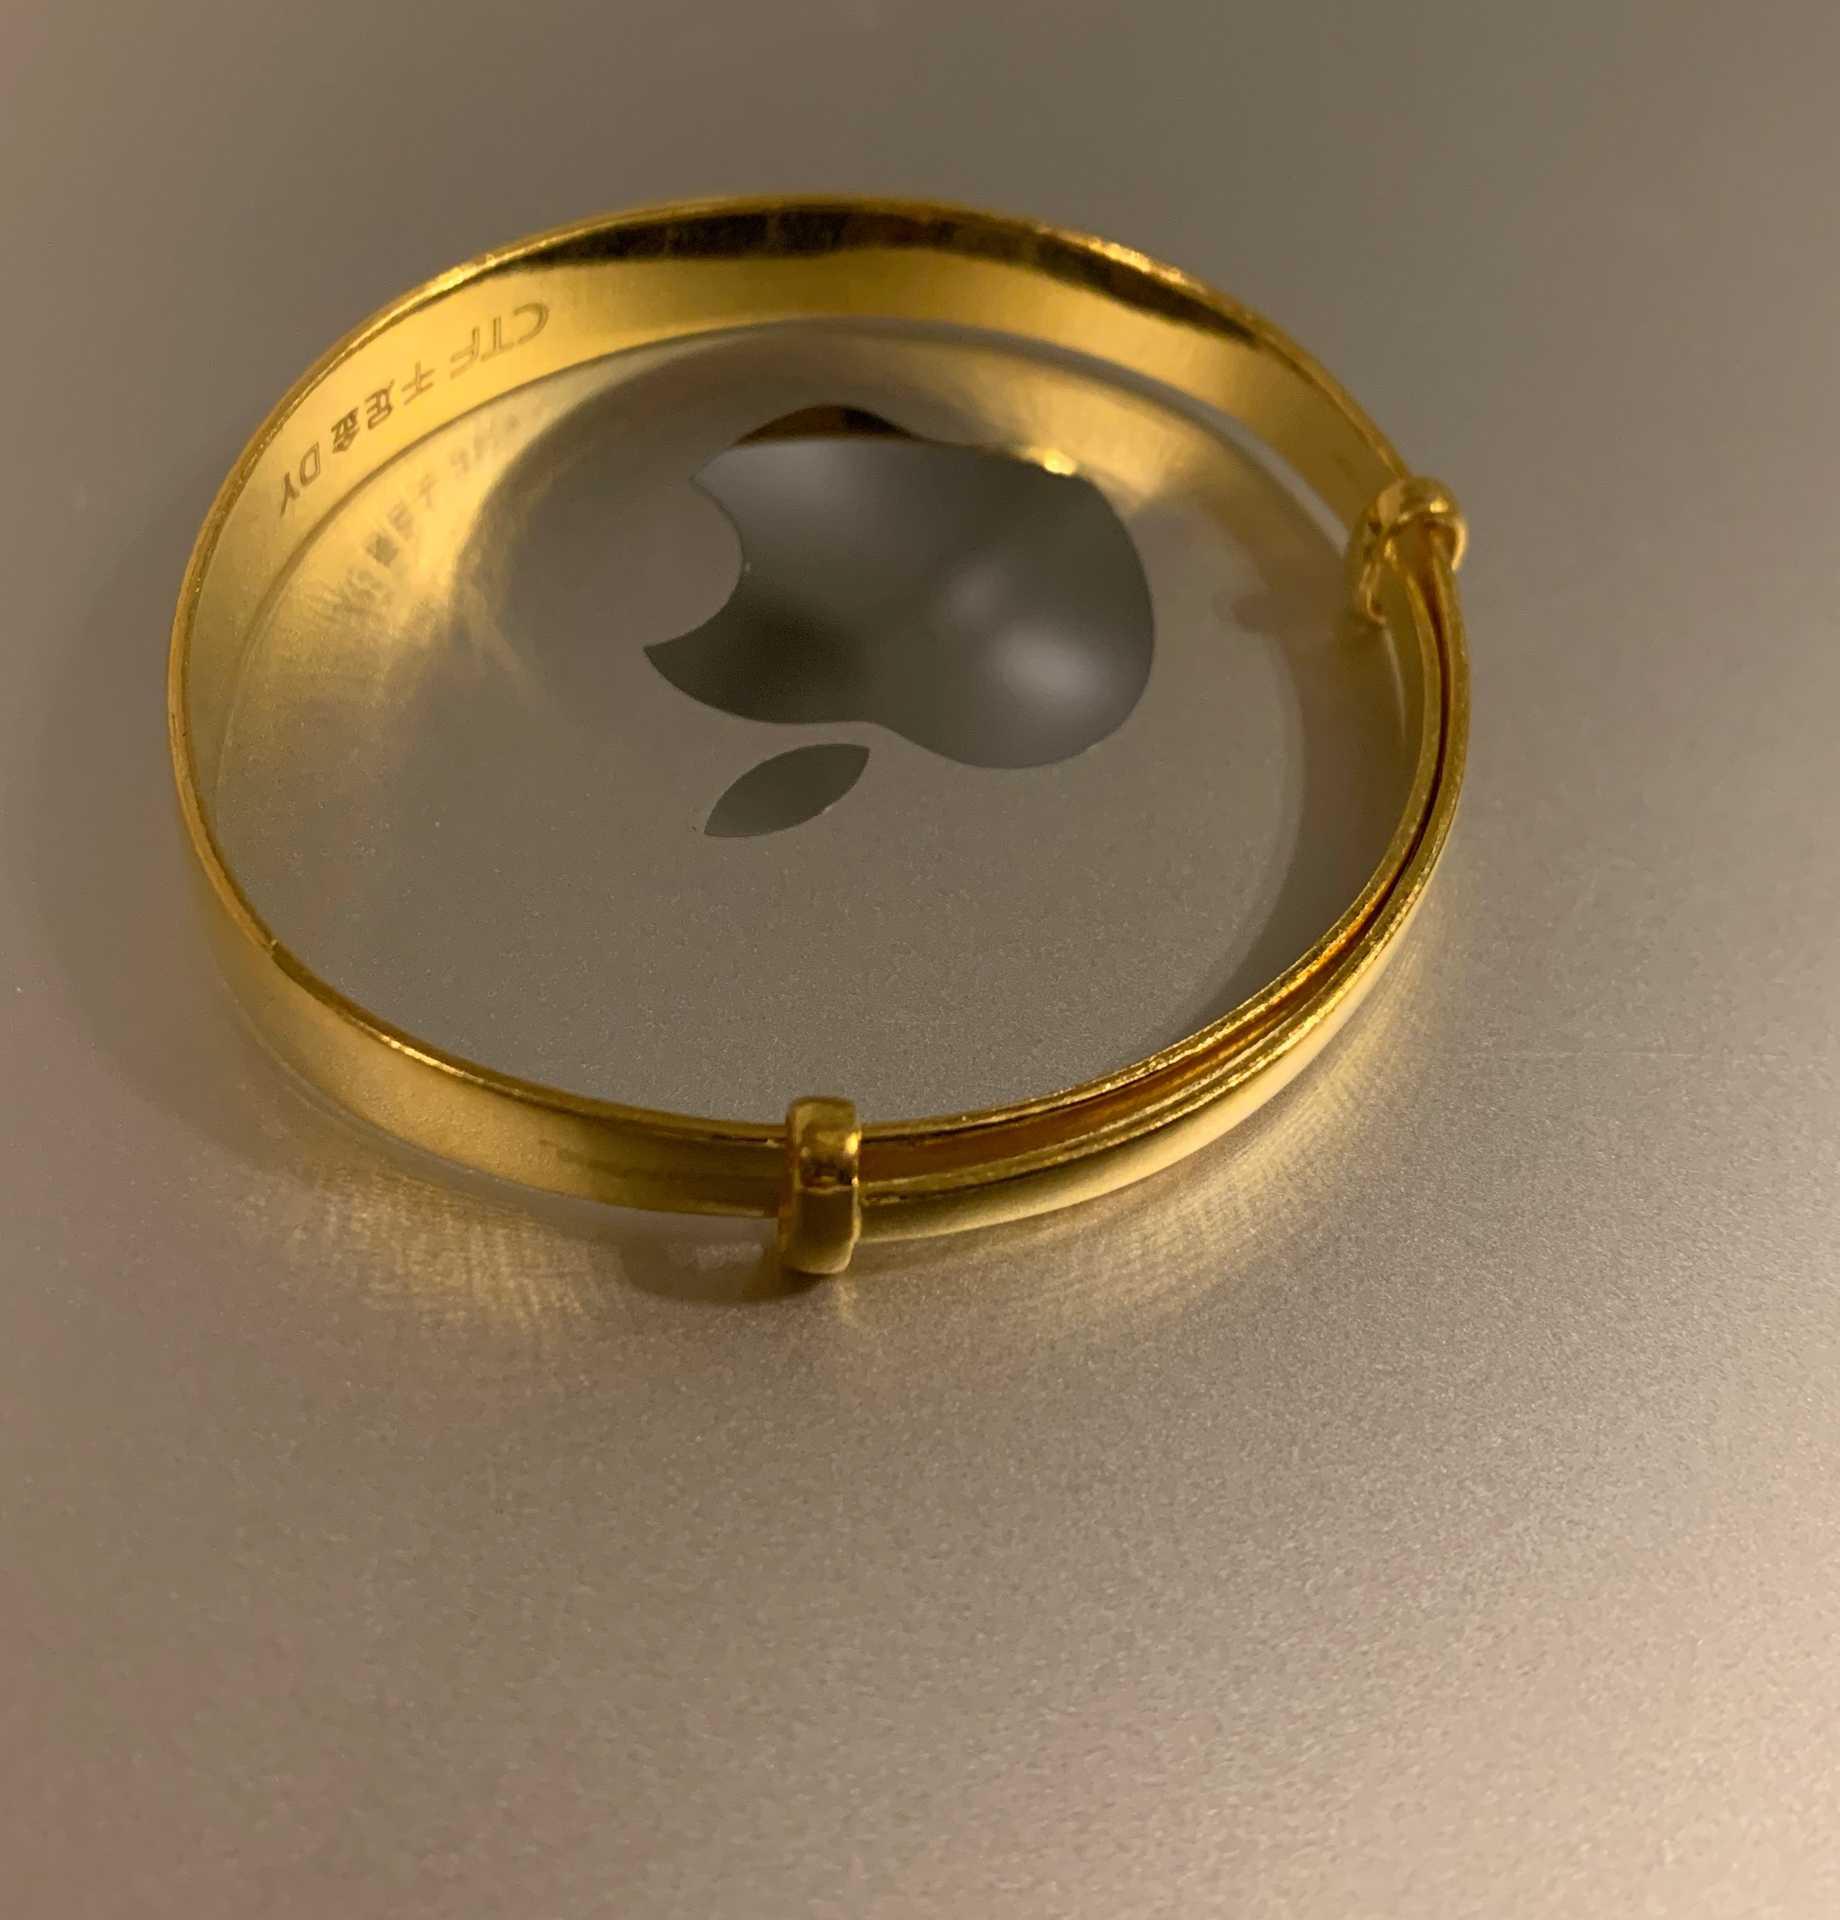 河东区哪有回收黄金的,请求河东区回收黄金的联系方式